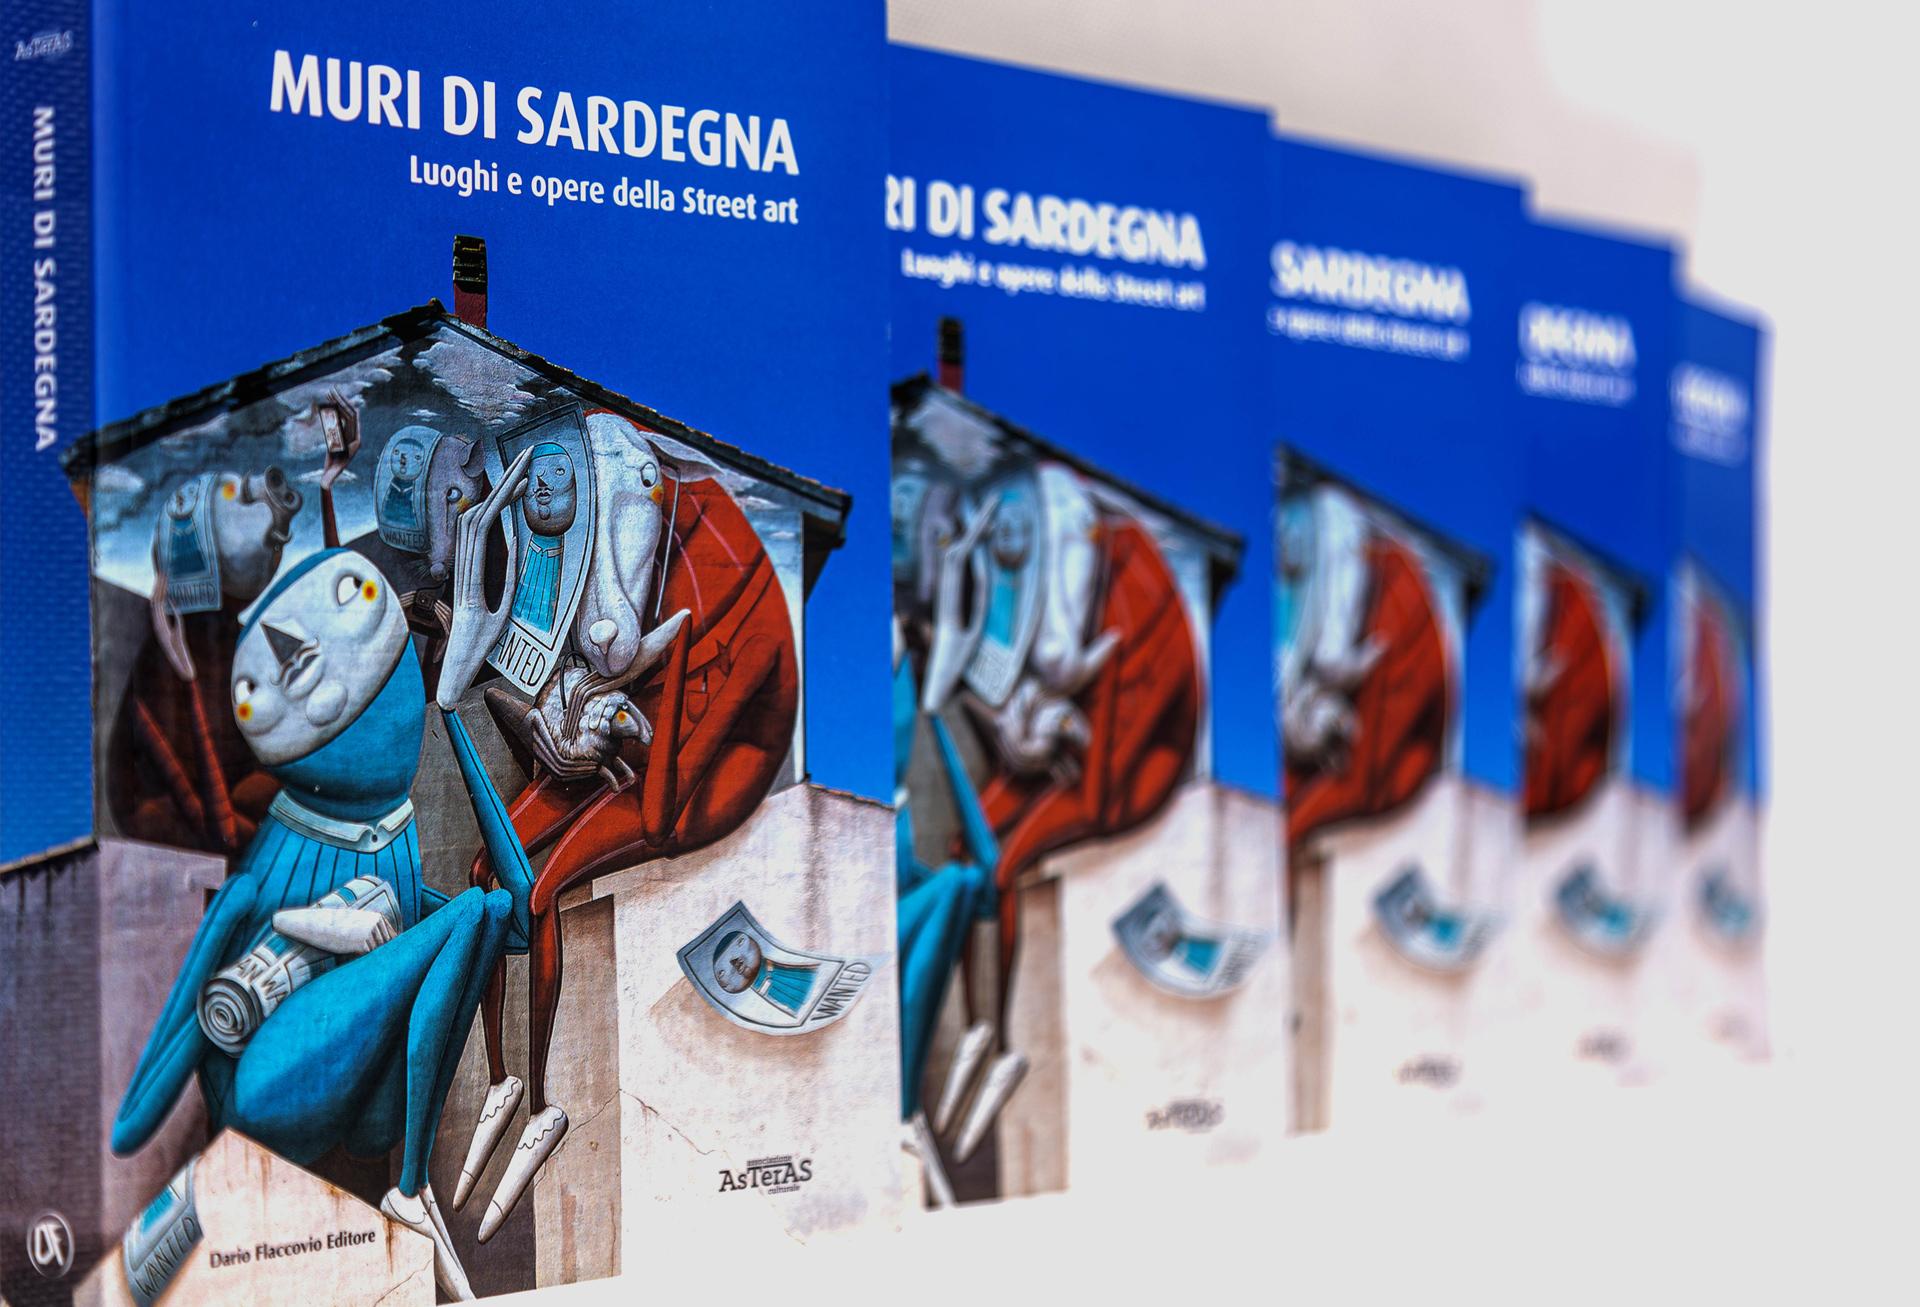 """Associazione Asteras, """"Muri di Sardegna"""", unica guida sulla Street Art in Sardegna, Dario Flaccovio Editore, 2020"""